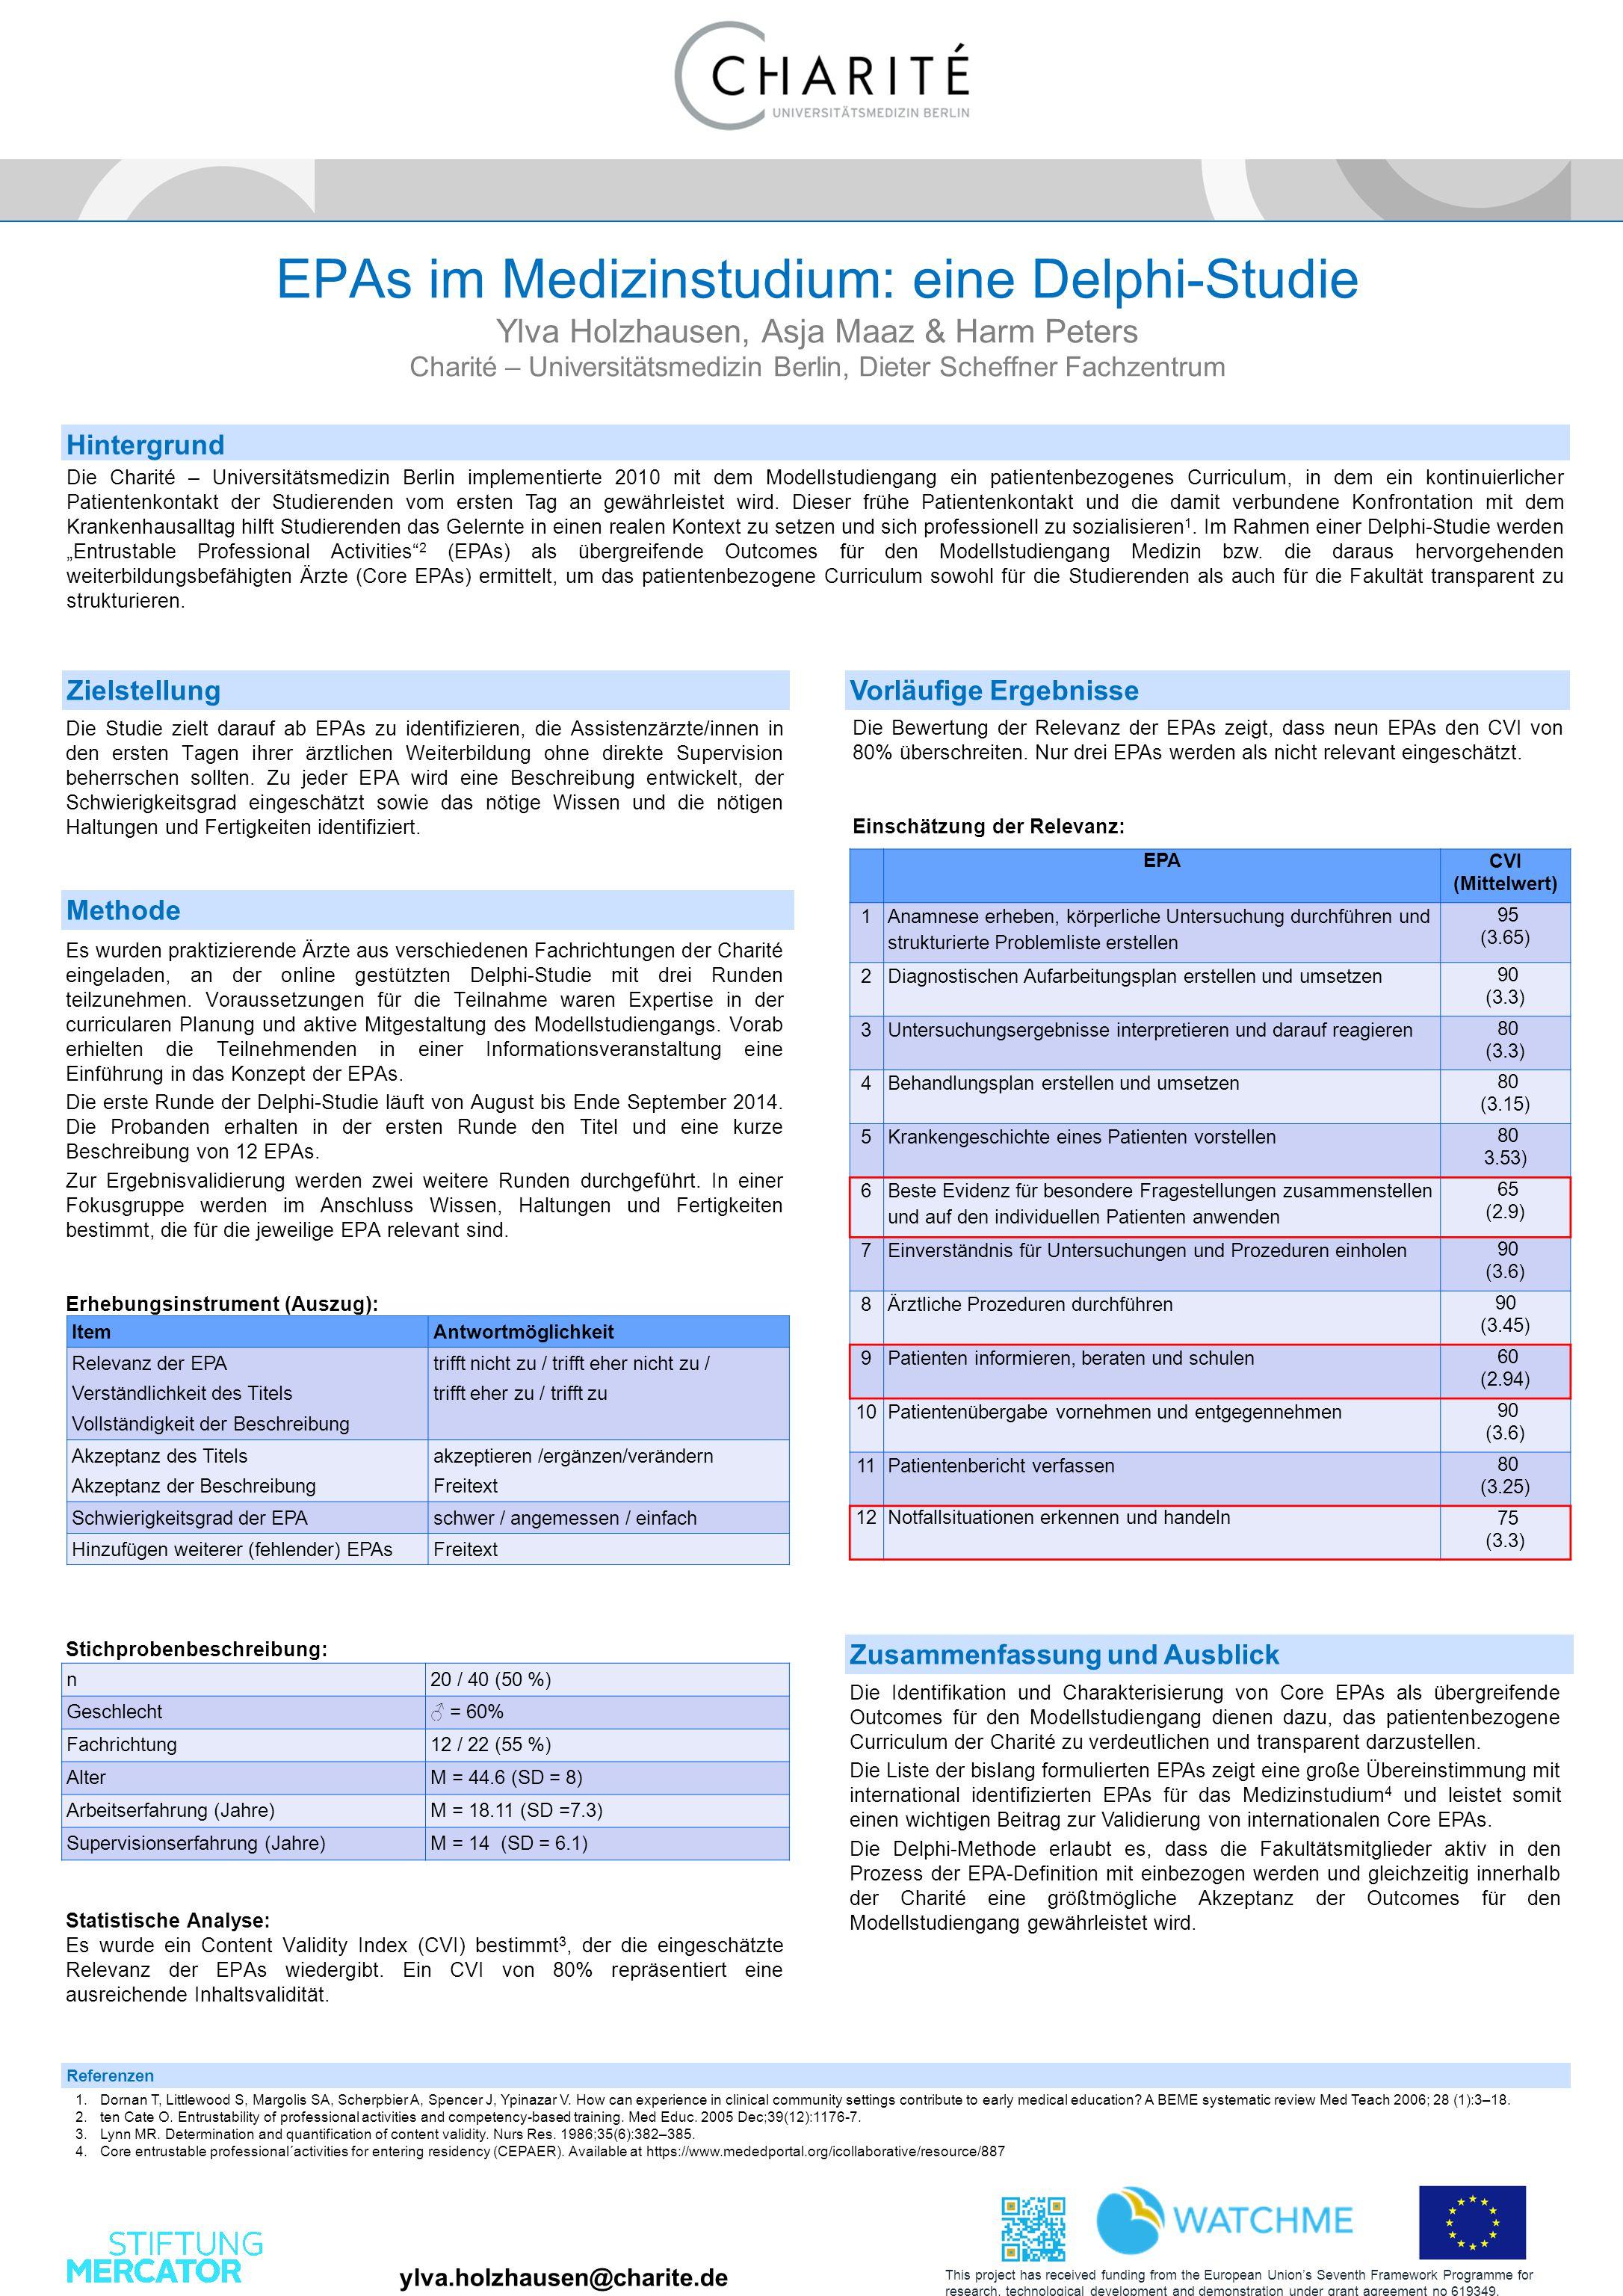 Die Charité – Universitätsmedizin Berlin implementierte 2010 mit dem Modellstudiengang ein patientenbezogenes Curriculum, in dem ein kontinuierlicher Patientenkontakt der Studierenden vom ersten Tag an gewährleistet wird.